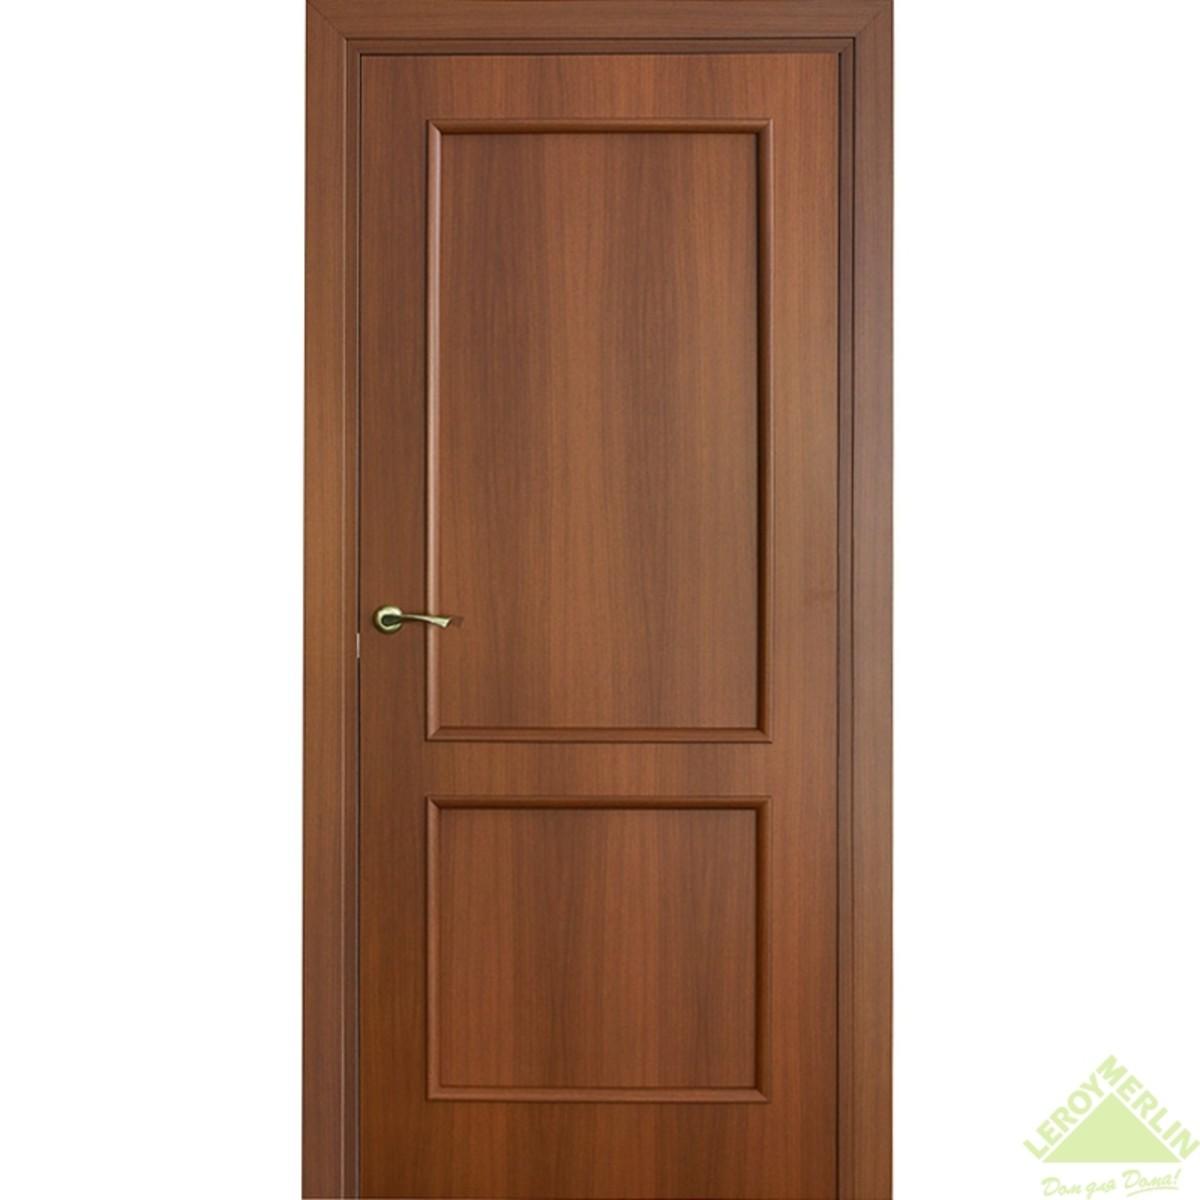 Дверь Межкомнатная Глухая Фортунато Классика 80x200 Ламинация Цвет Орех